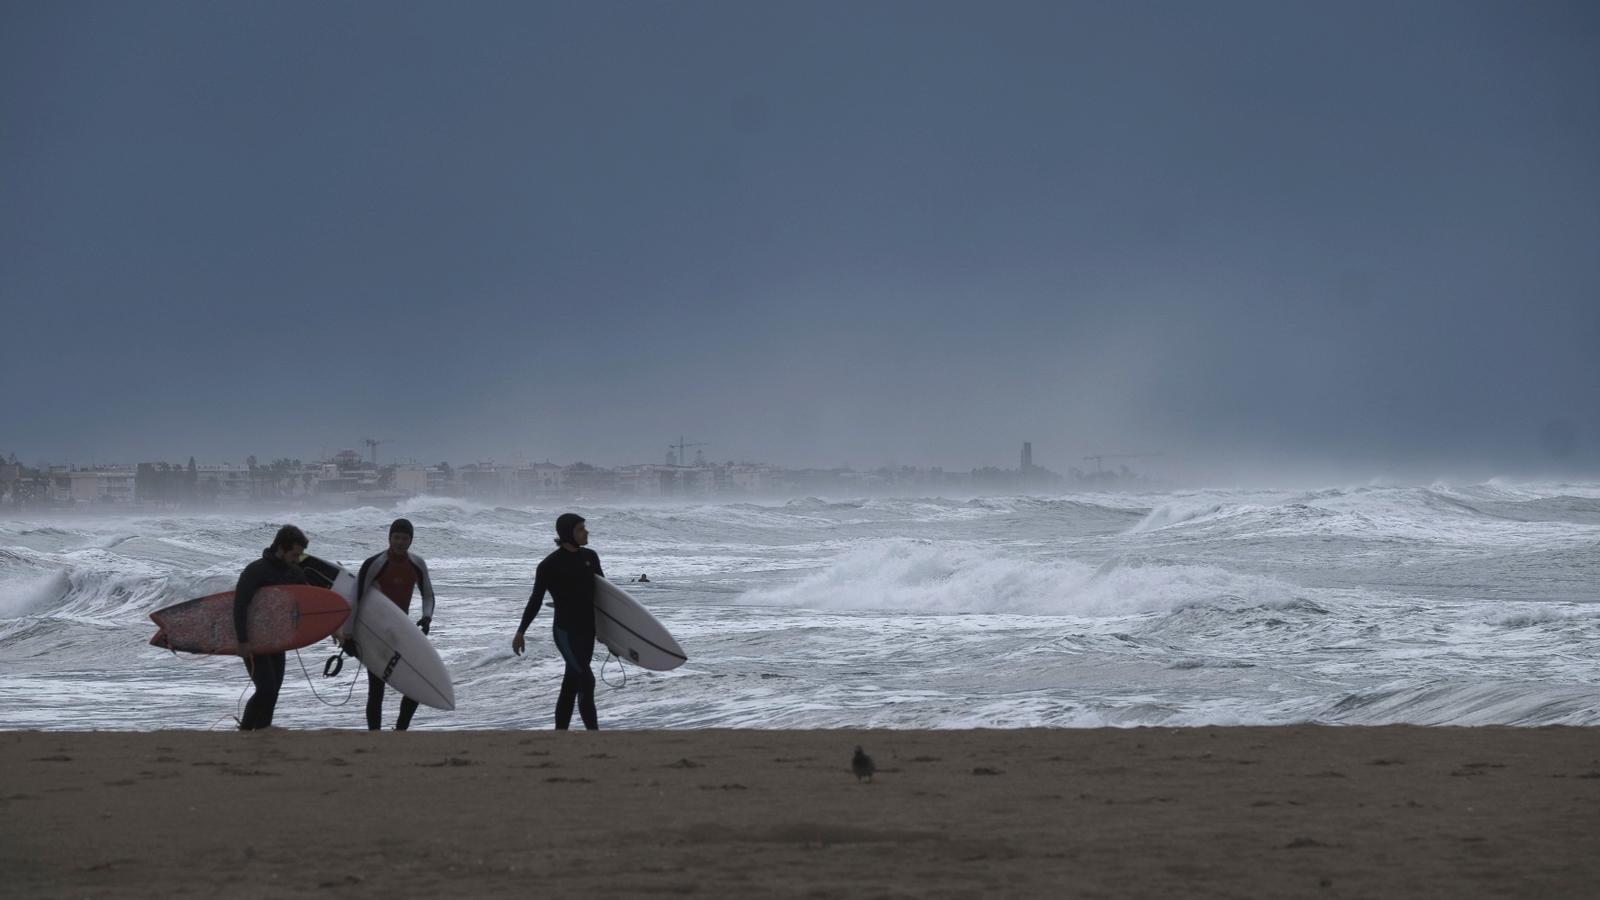 Tres surfistes aprofitant les onades del temporal, a la platja de Castelldefels